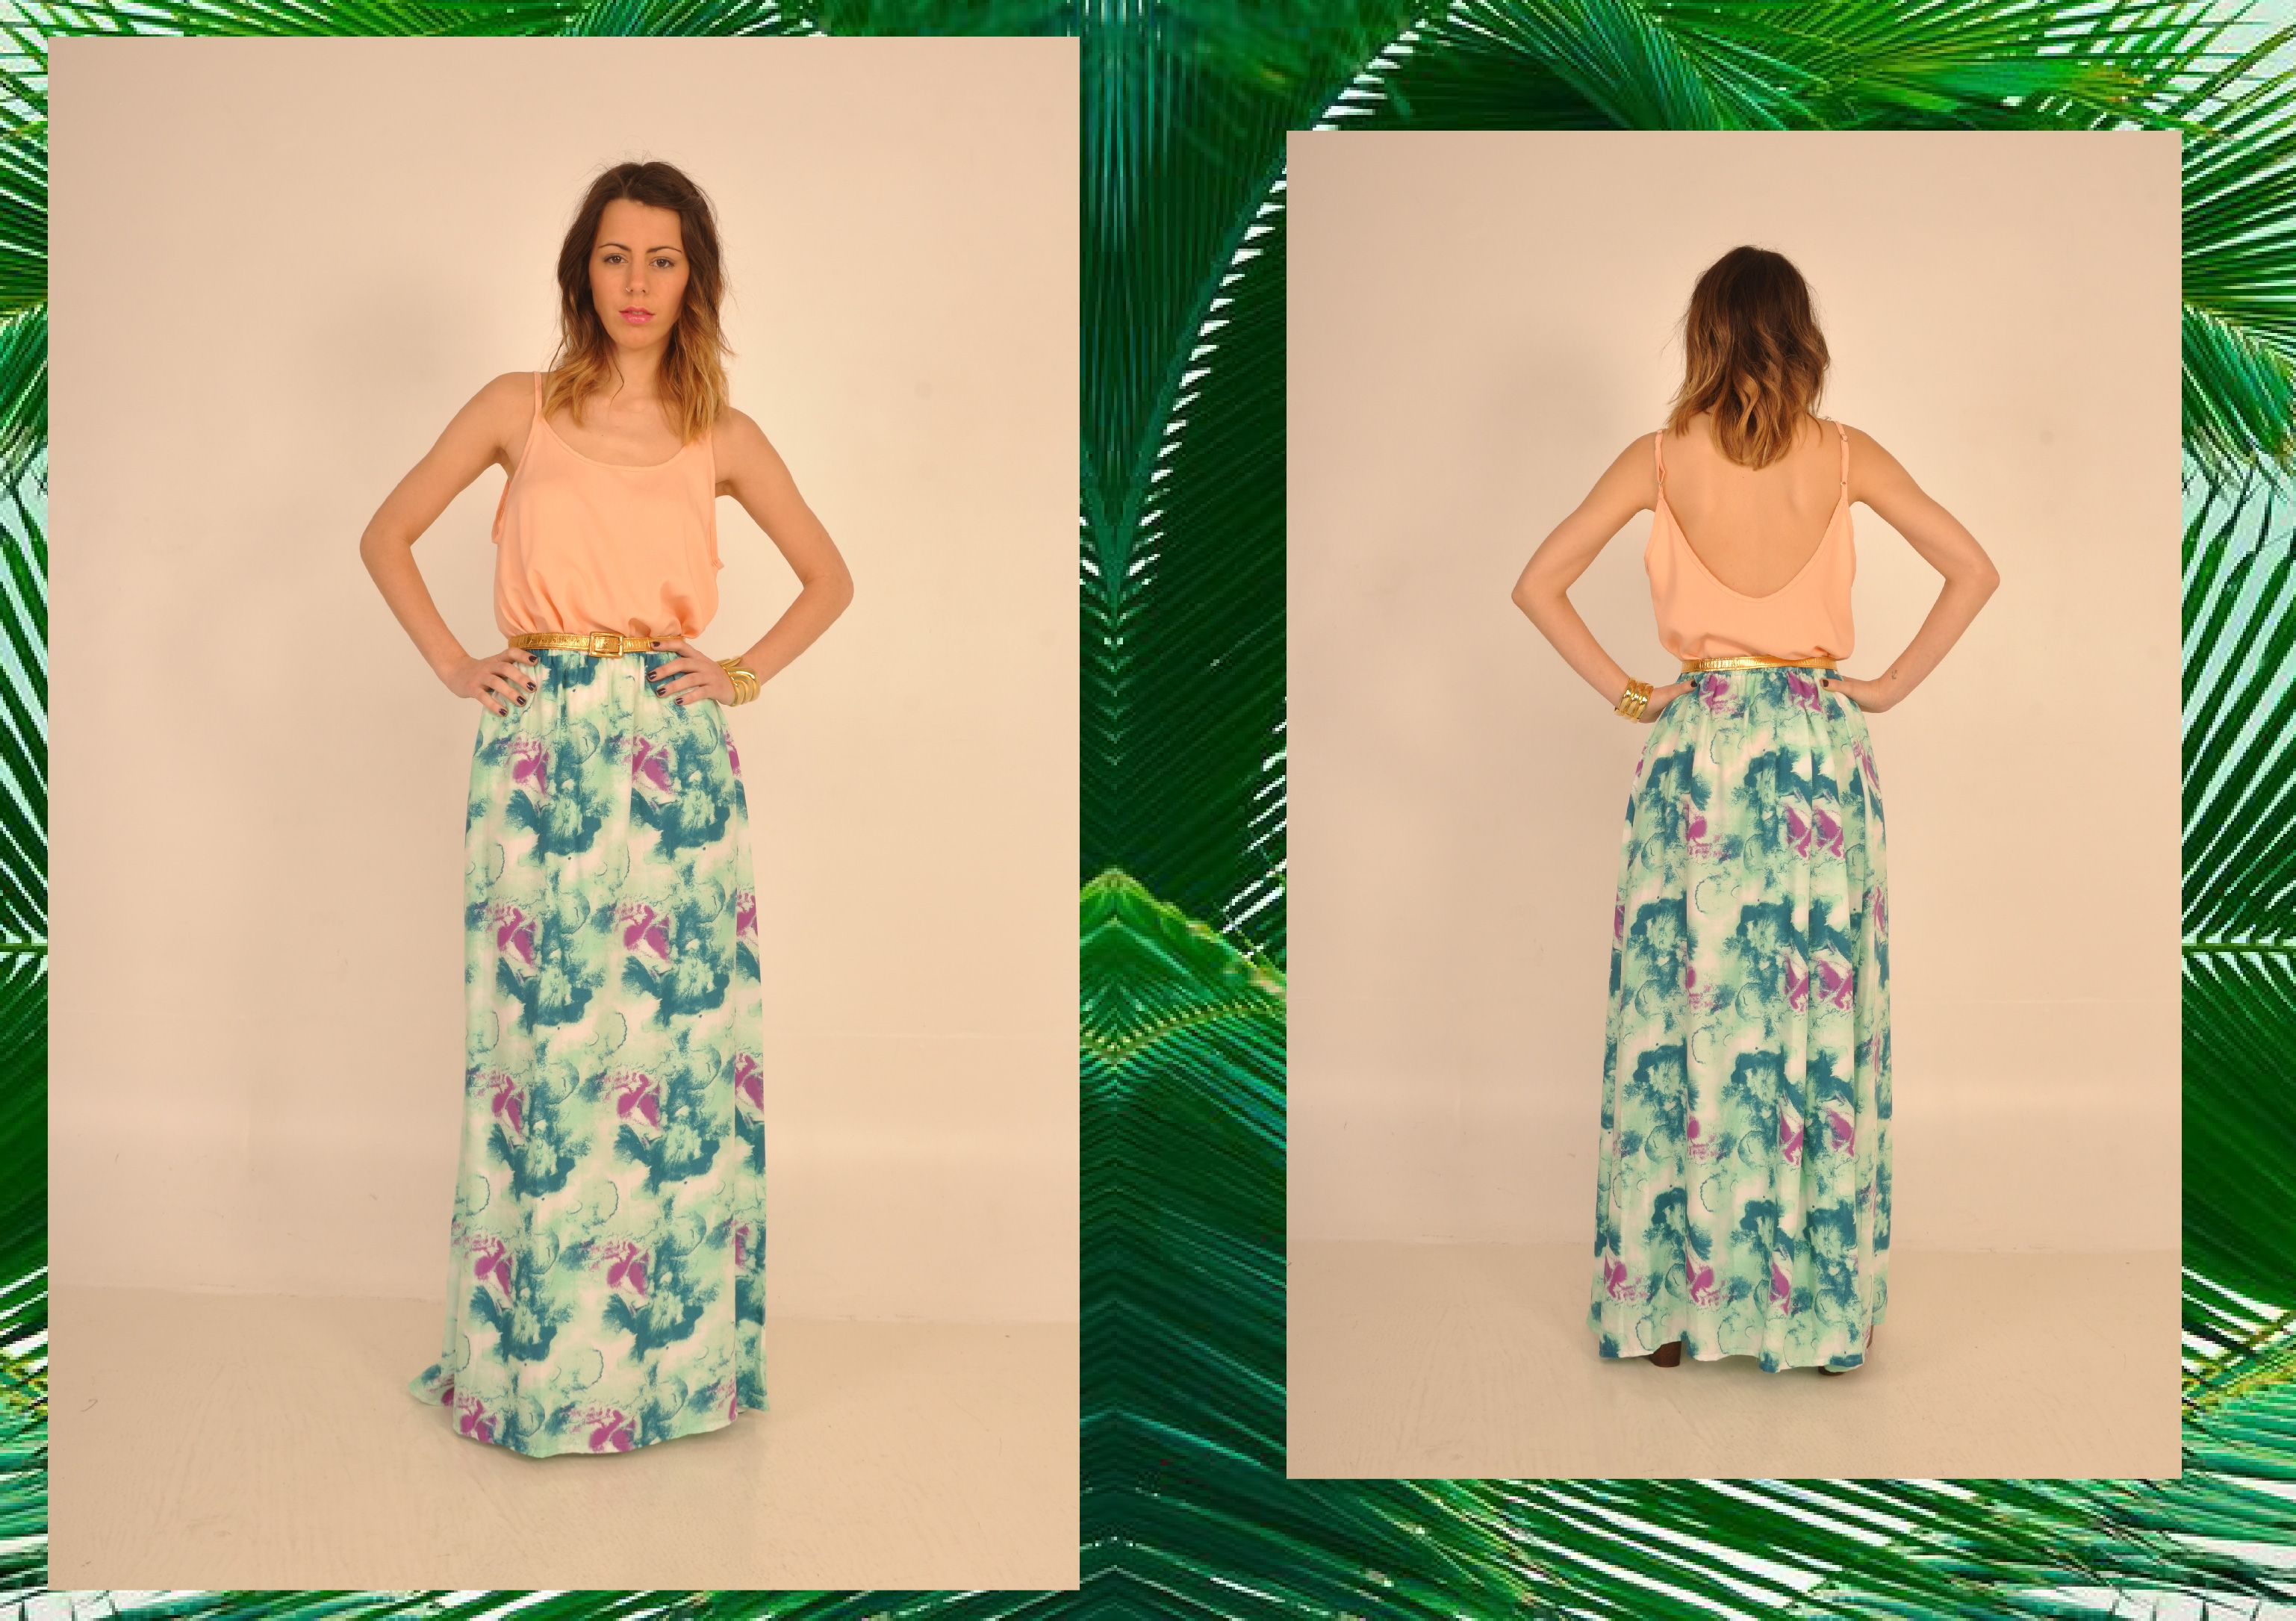 #pollera #larga #dia #noche #style #fashion #fashionista #primavera #verano #comodo #usable #femenino #chic #canchero #lasvaskas